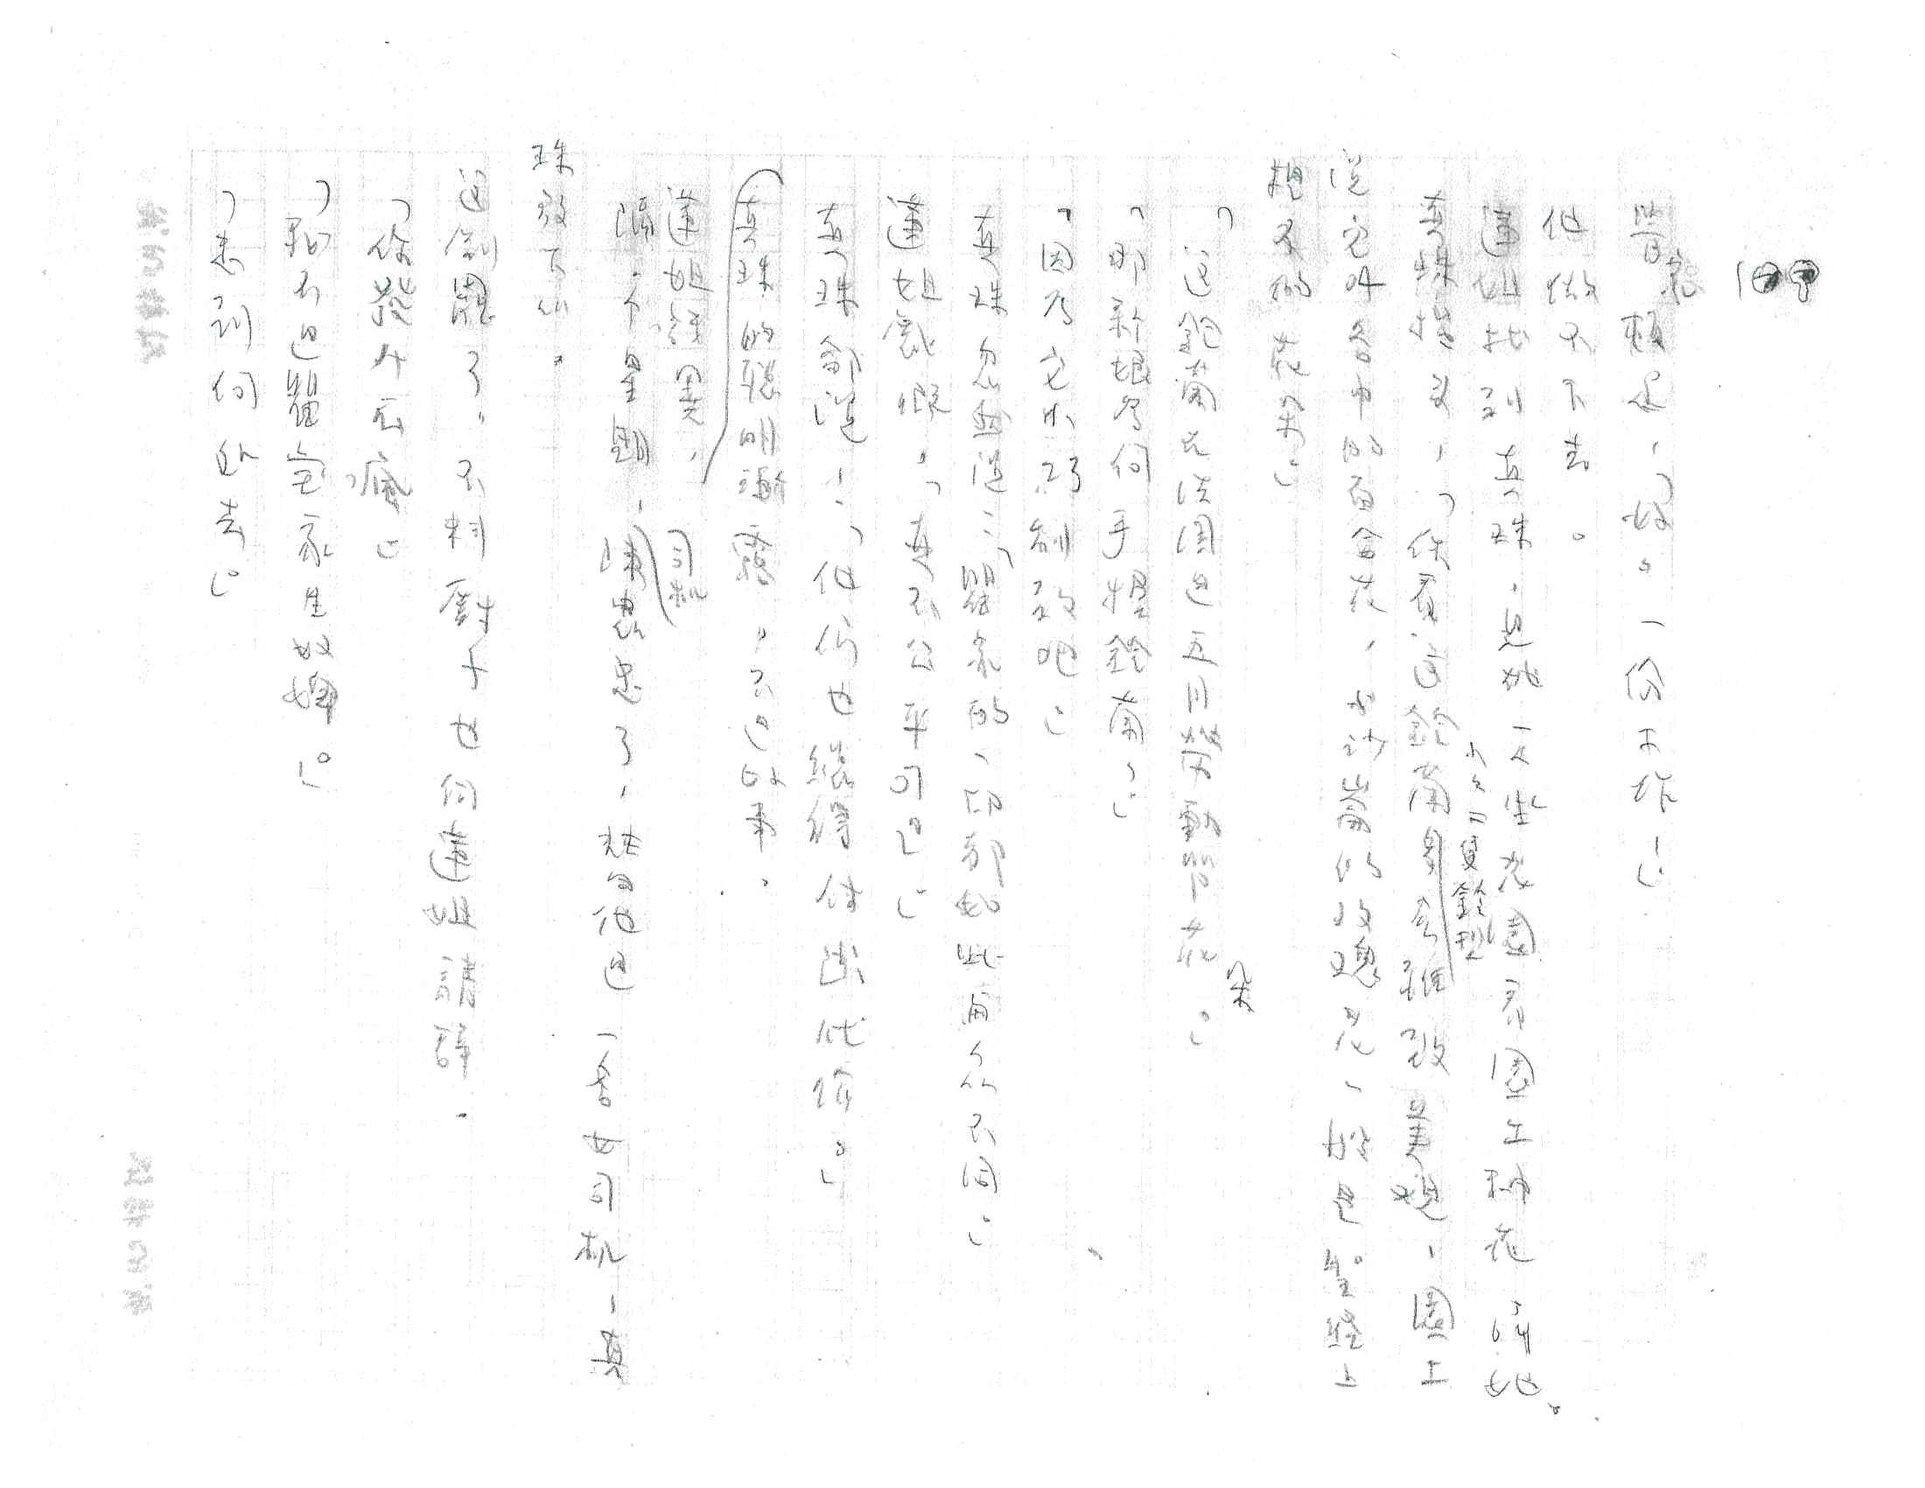 亦舒至今一直用筆寫作,交給出版社的,都是手稿。